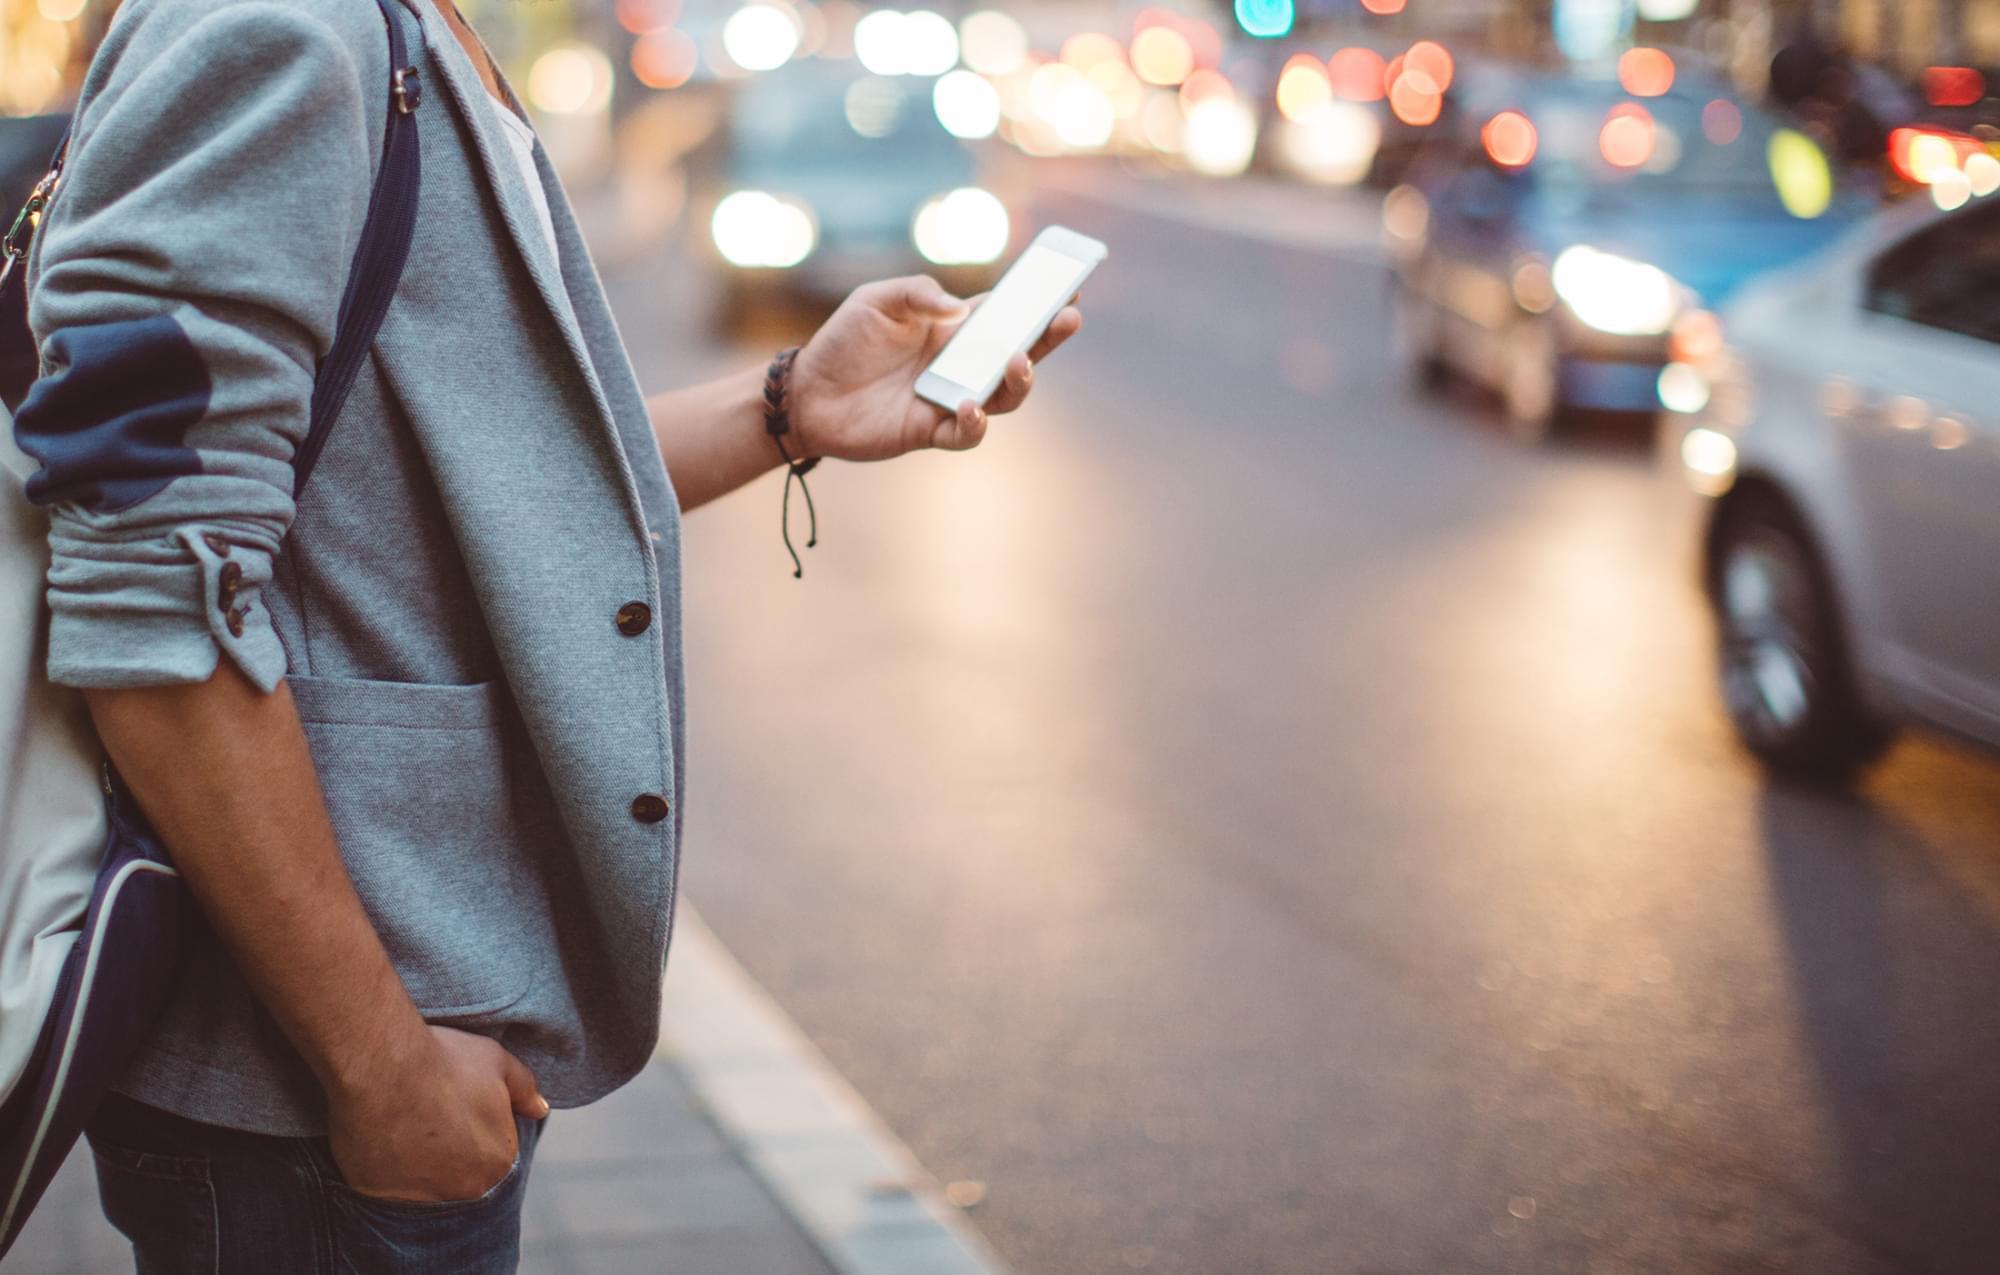 已关门的打车应用Karhoo被雷诺收购 欲再战Uber